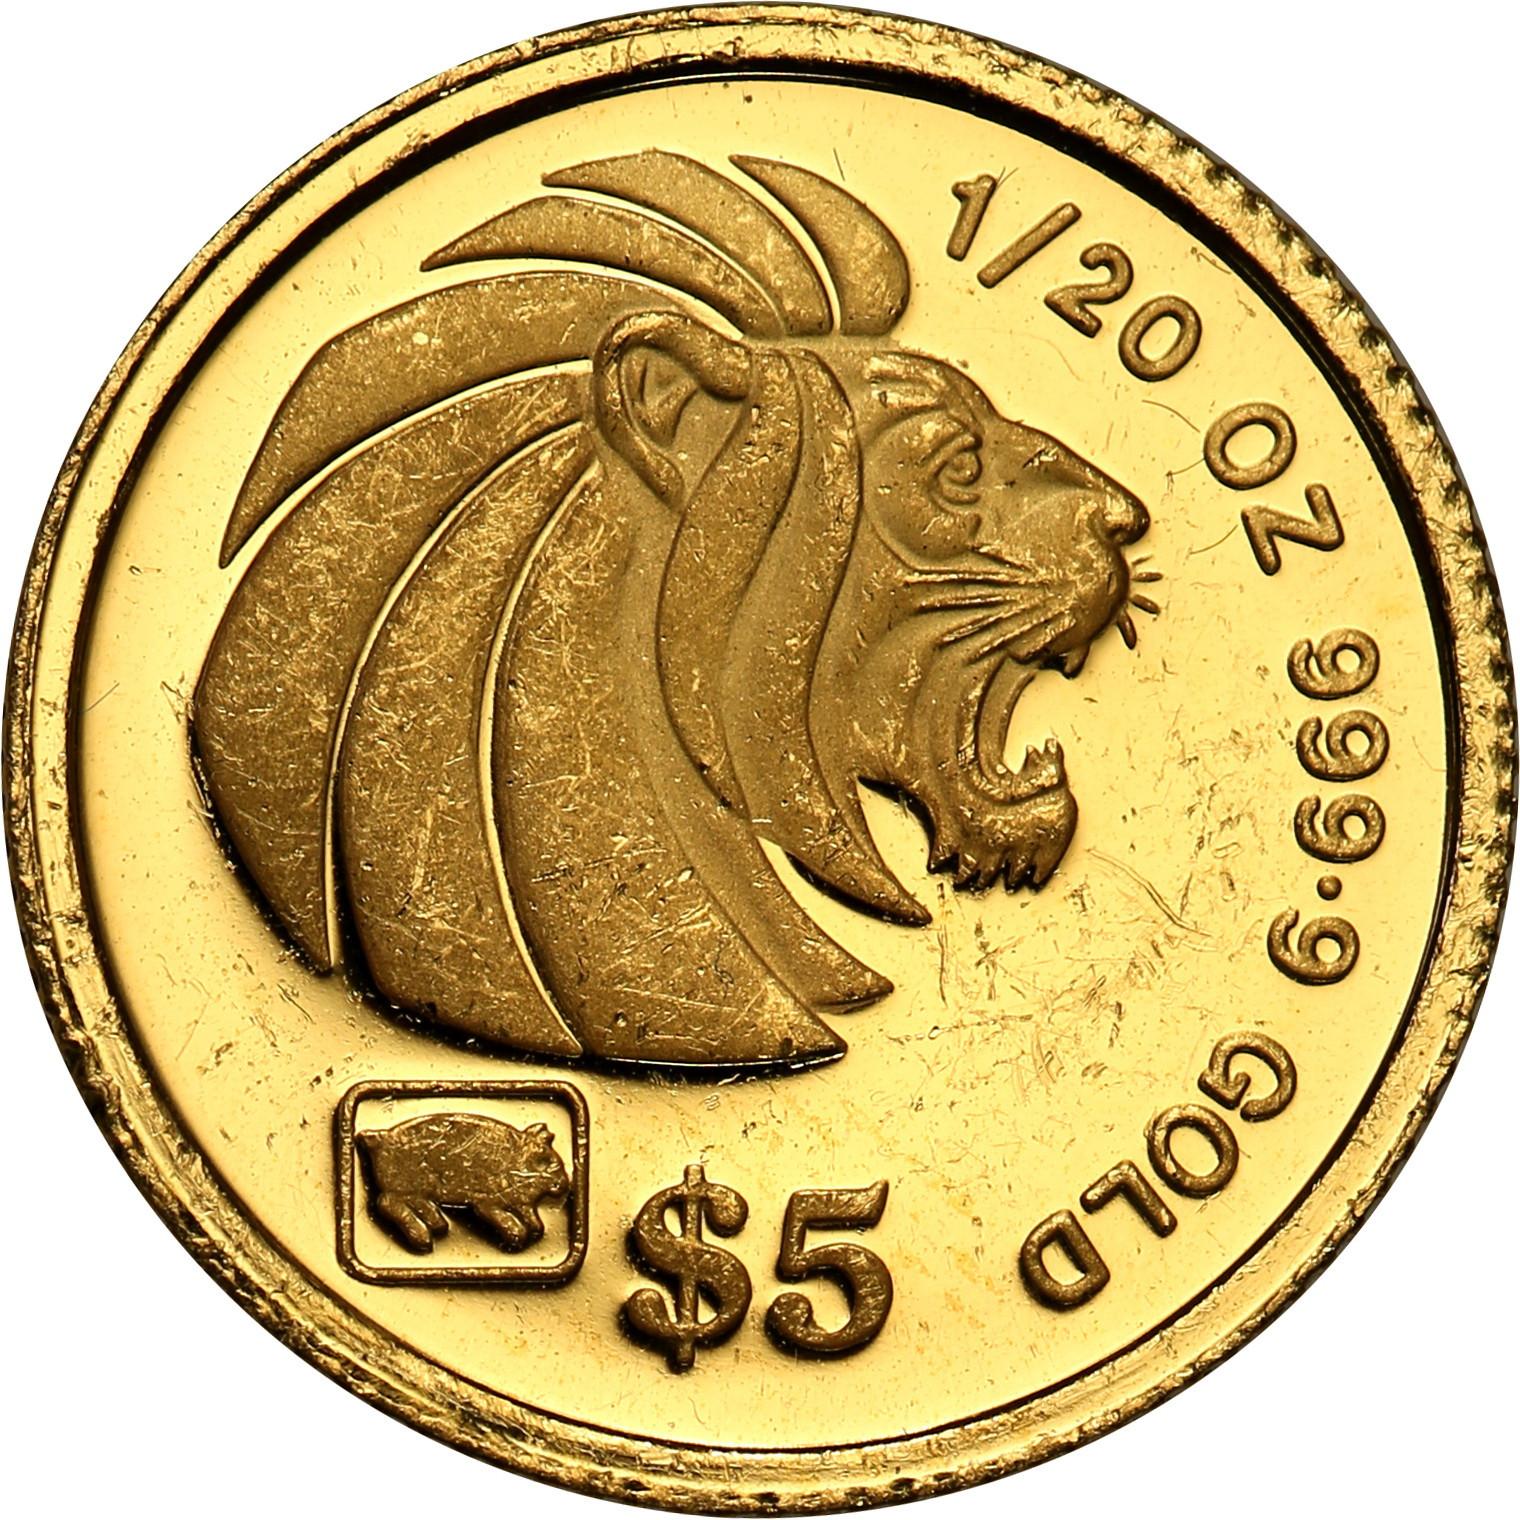 Singapur 5 dolarów 1995 st. L – 1/20 Uncji złota